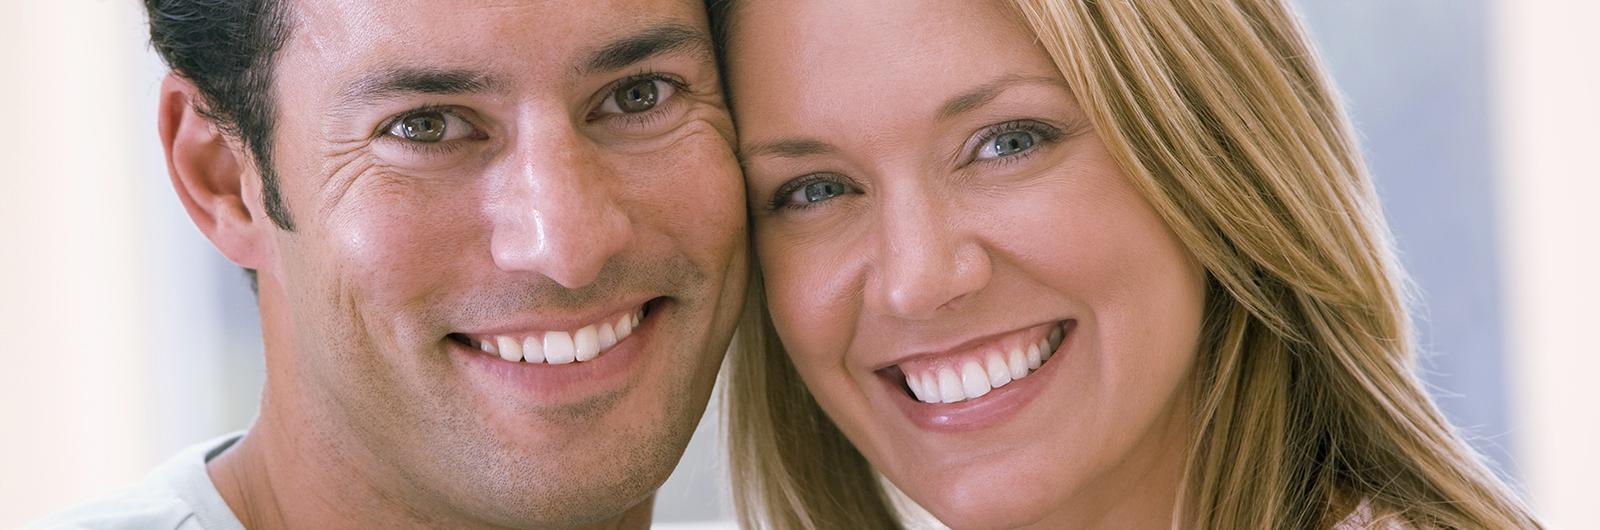 Patienten nach einer Zahnästhetik Behandlung